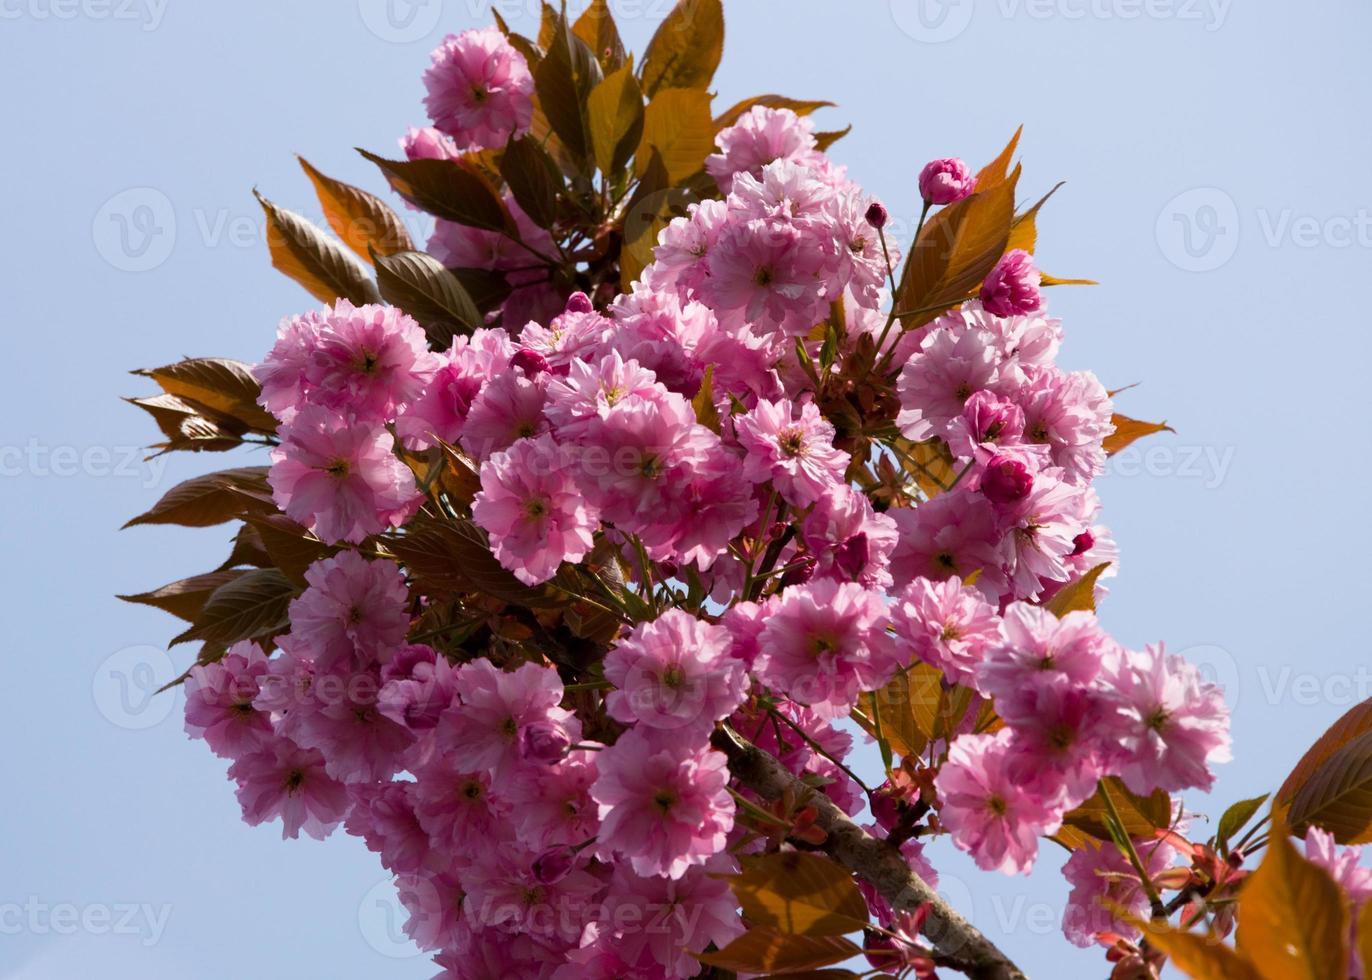 Frühlingskirschblüte gegen blauen Himmel foto